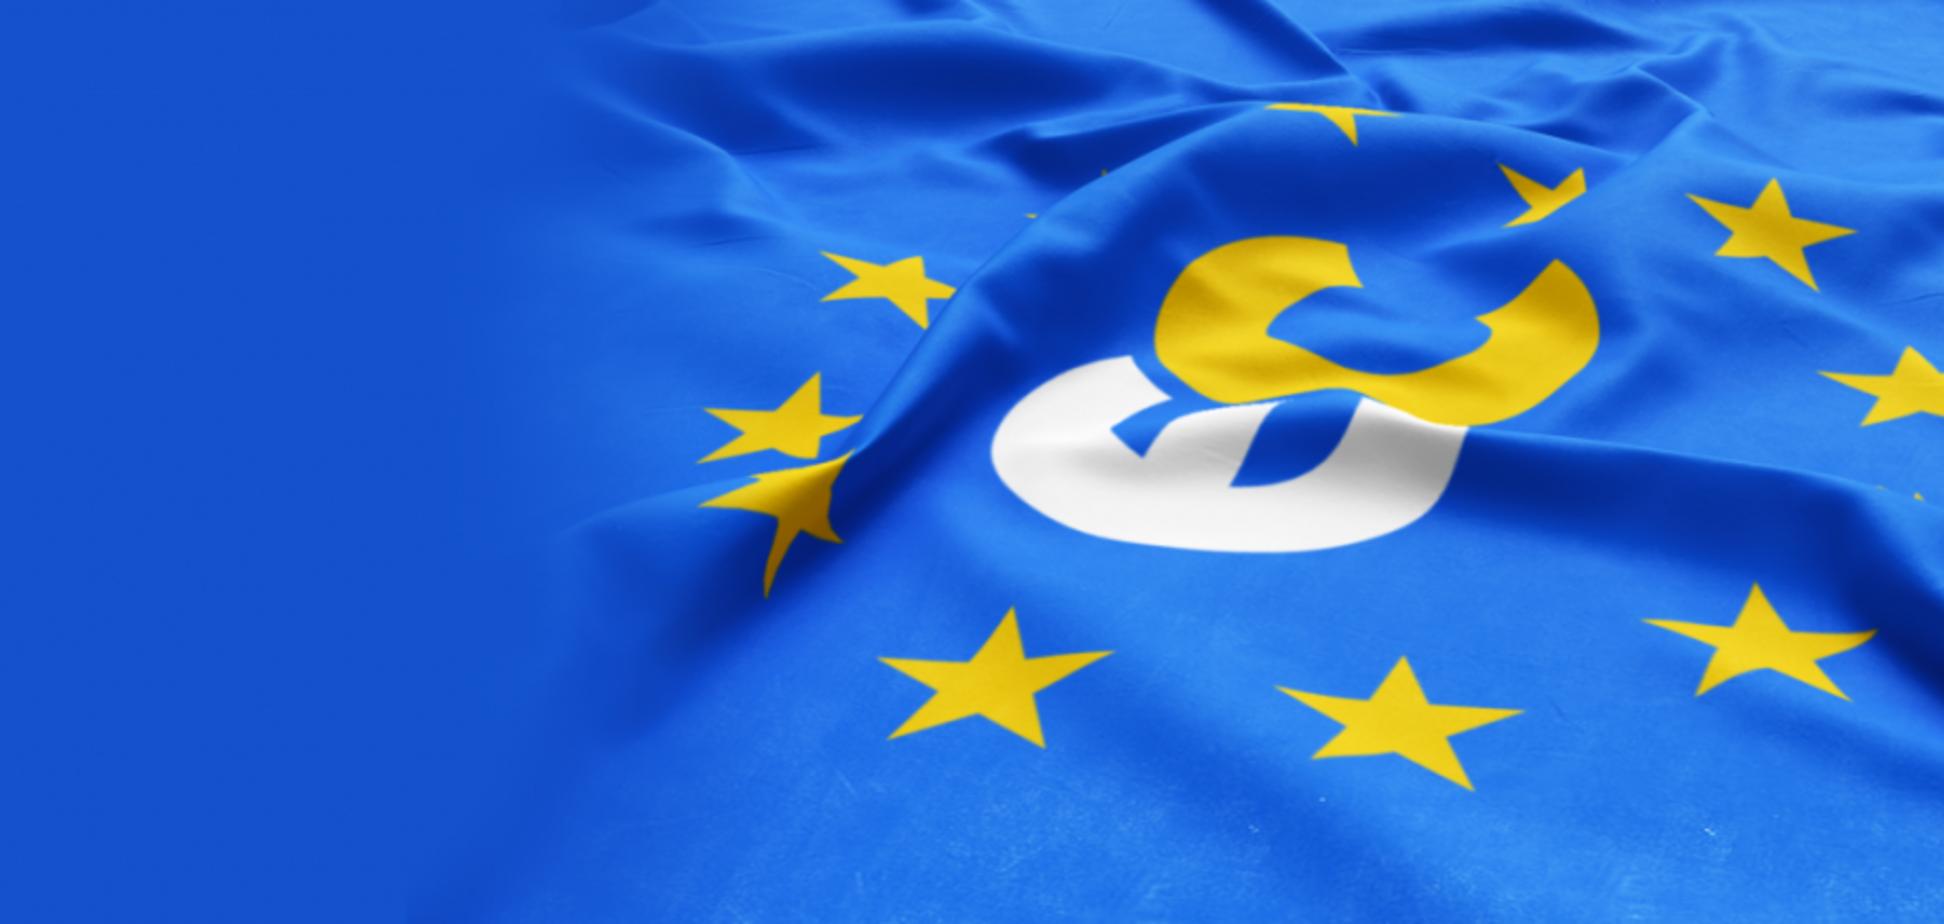 'Европейская солидарность'